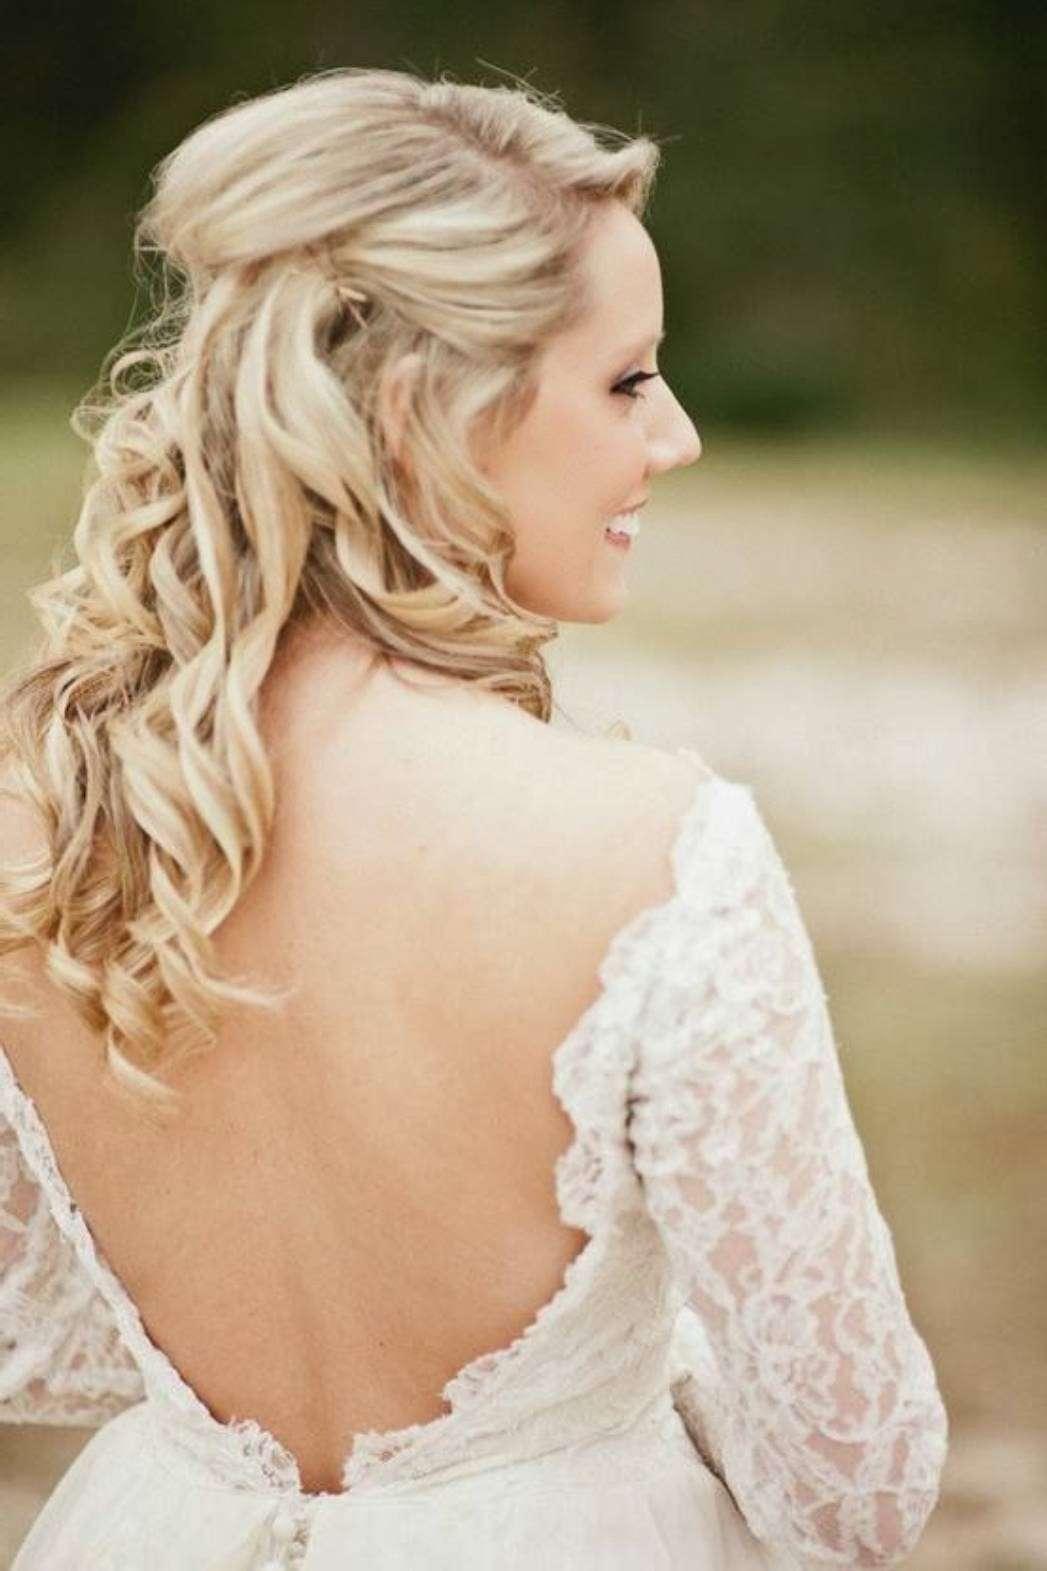 Semiraccolto per la sposa